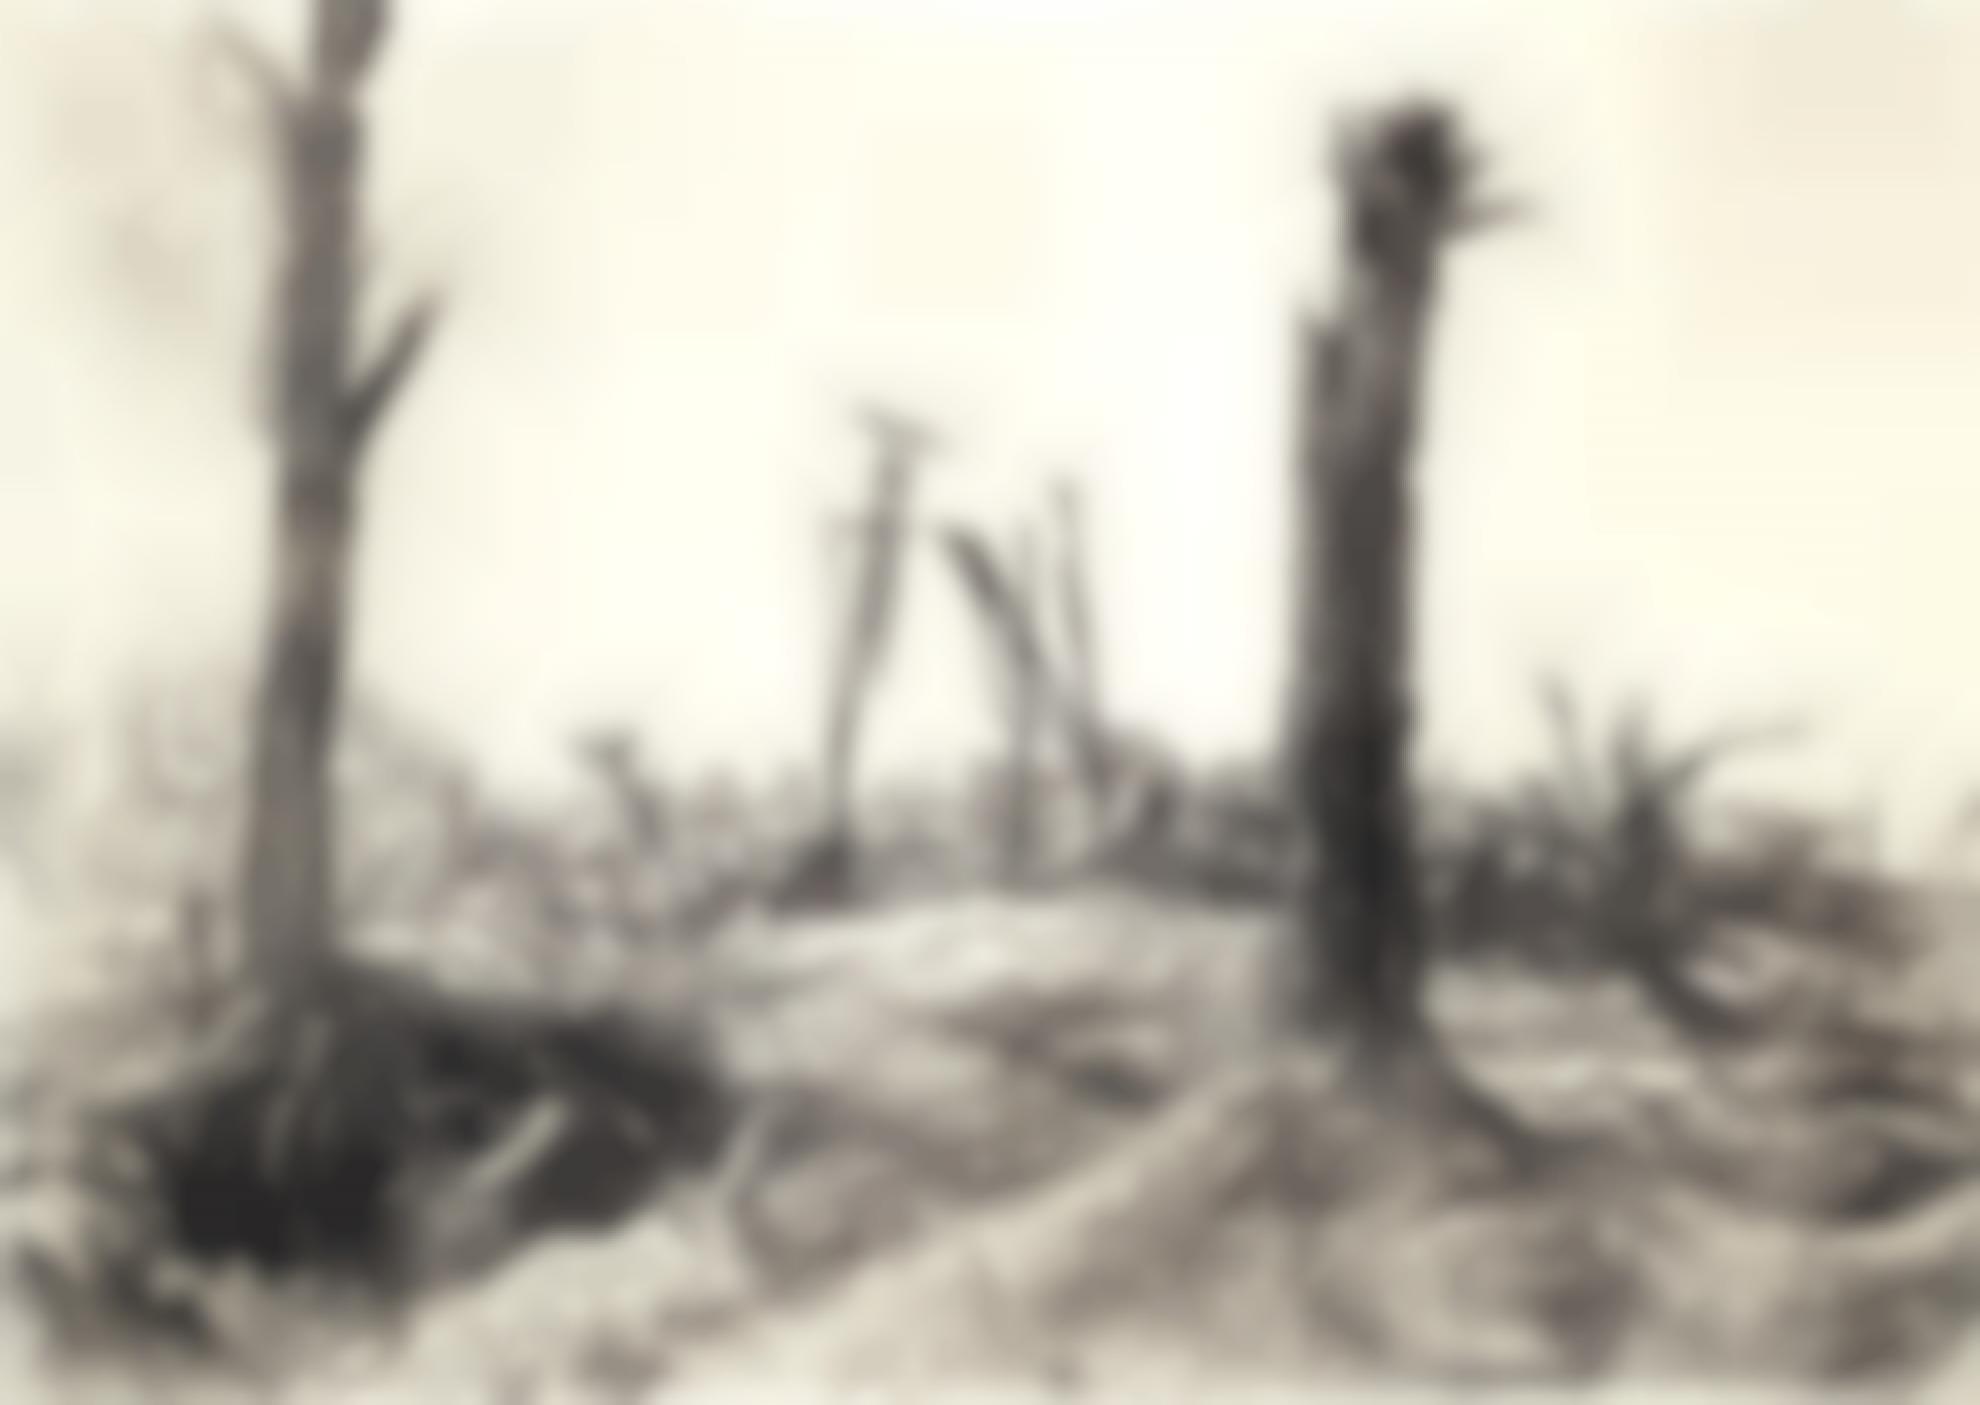 Muirhead Bone-The Orangery Of Deniecourt Chateau, Near Peronne-1917